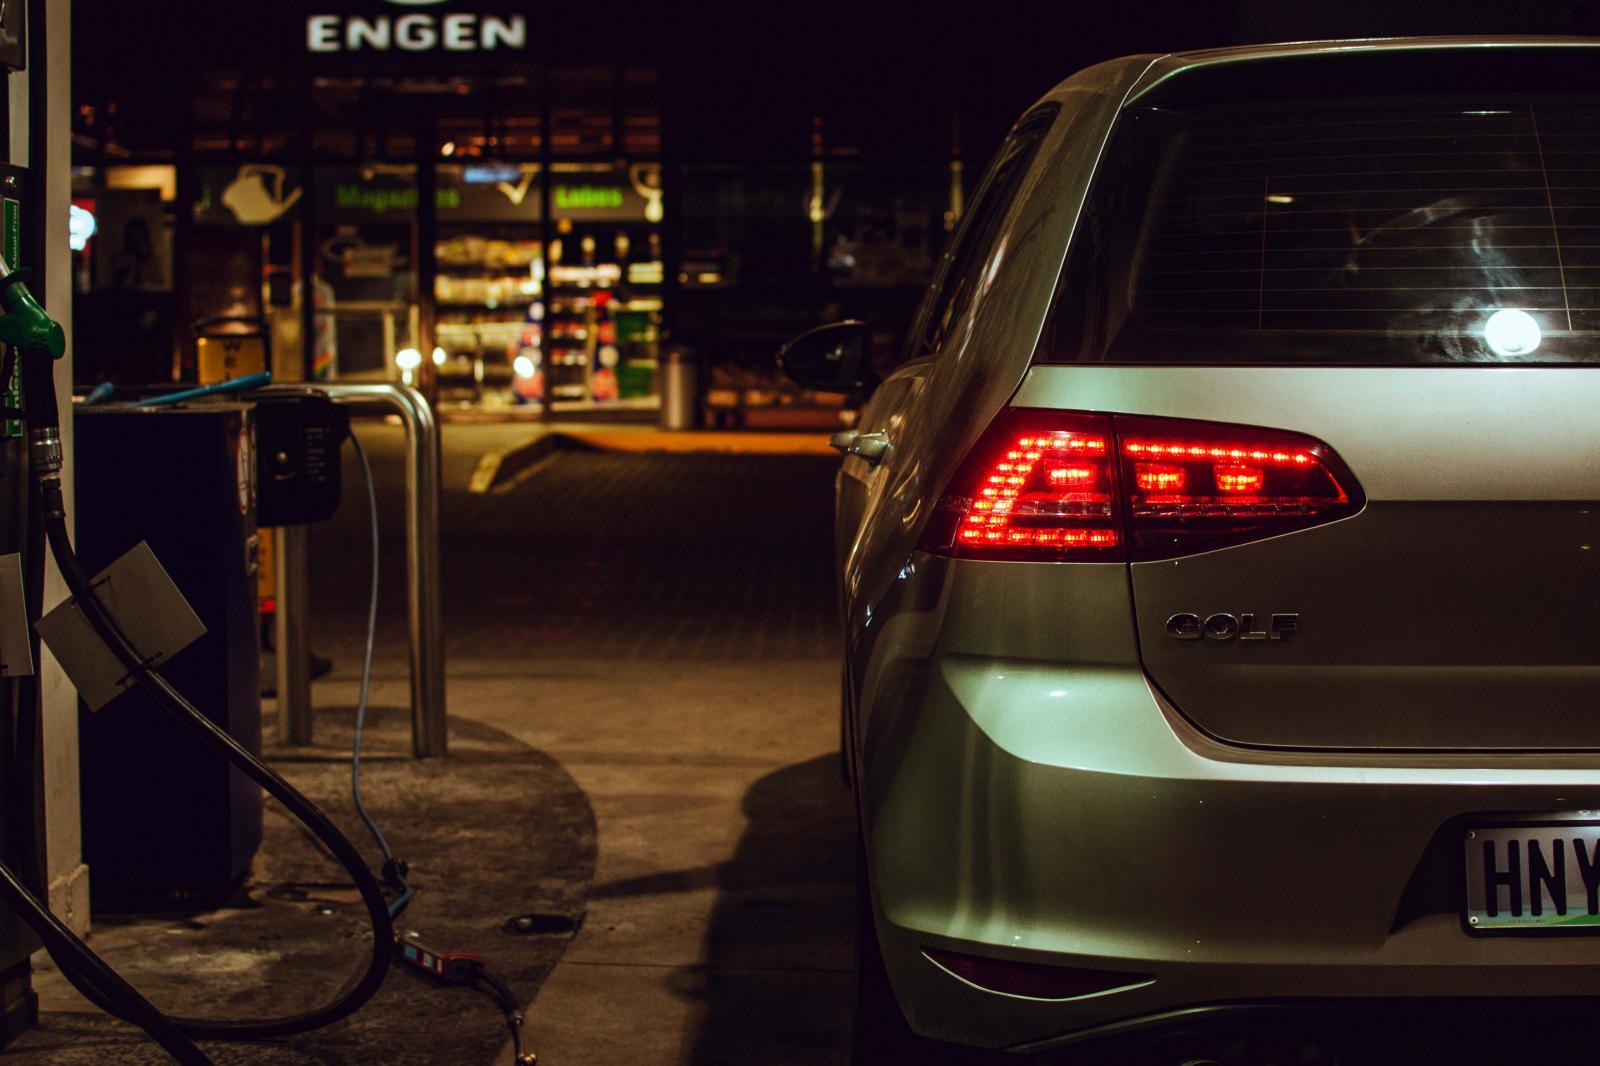 El gas natural es más económico que la gasolina